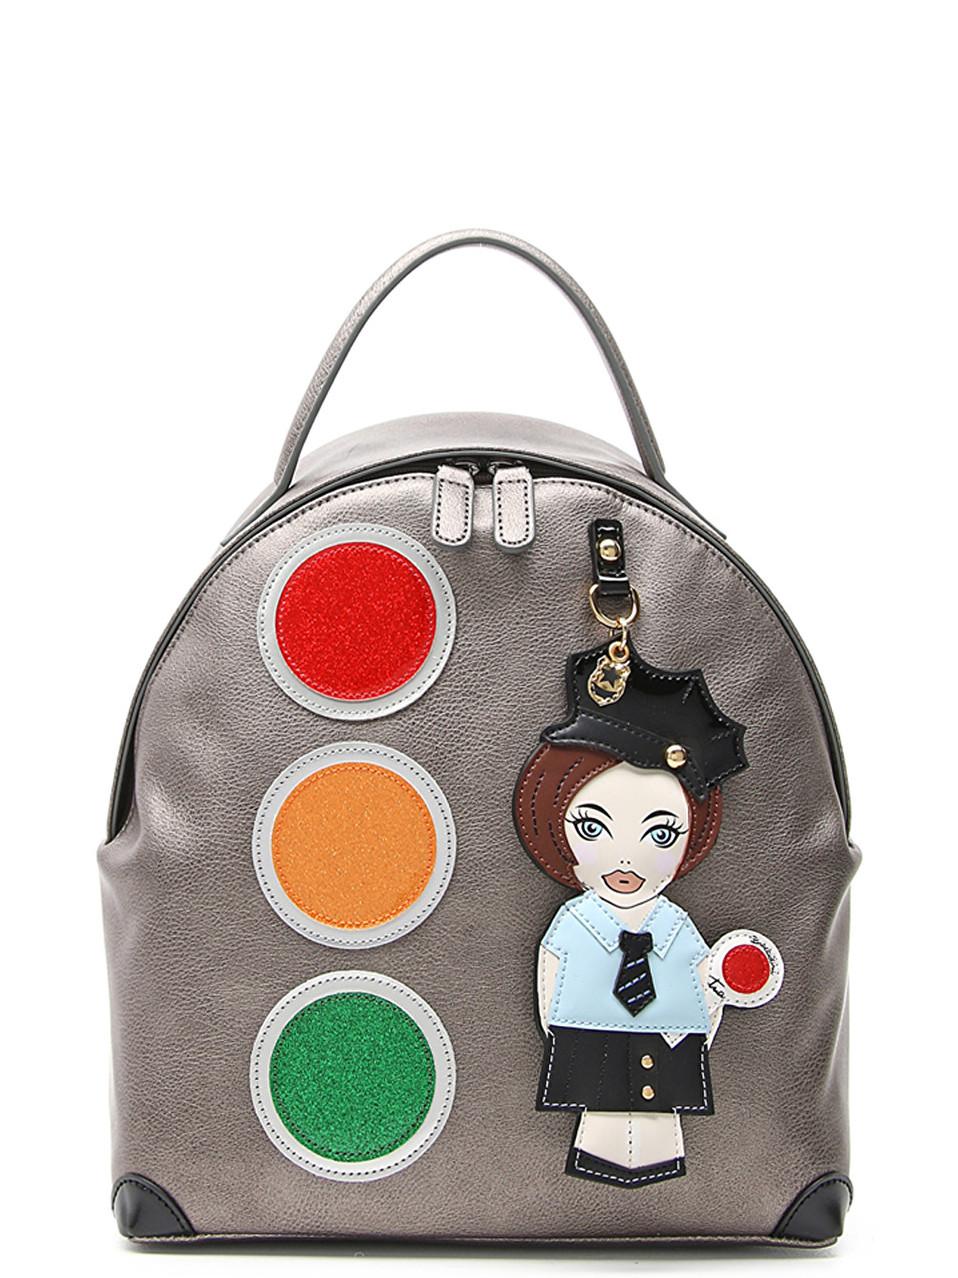 Backpack Braccialini - 670 B11660